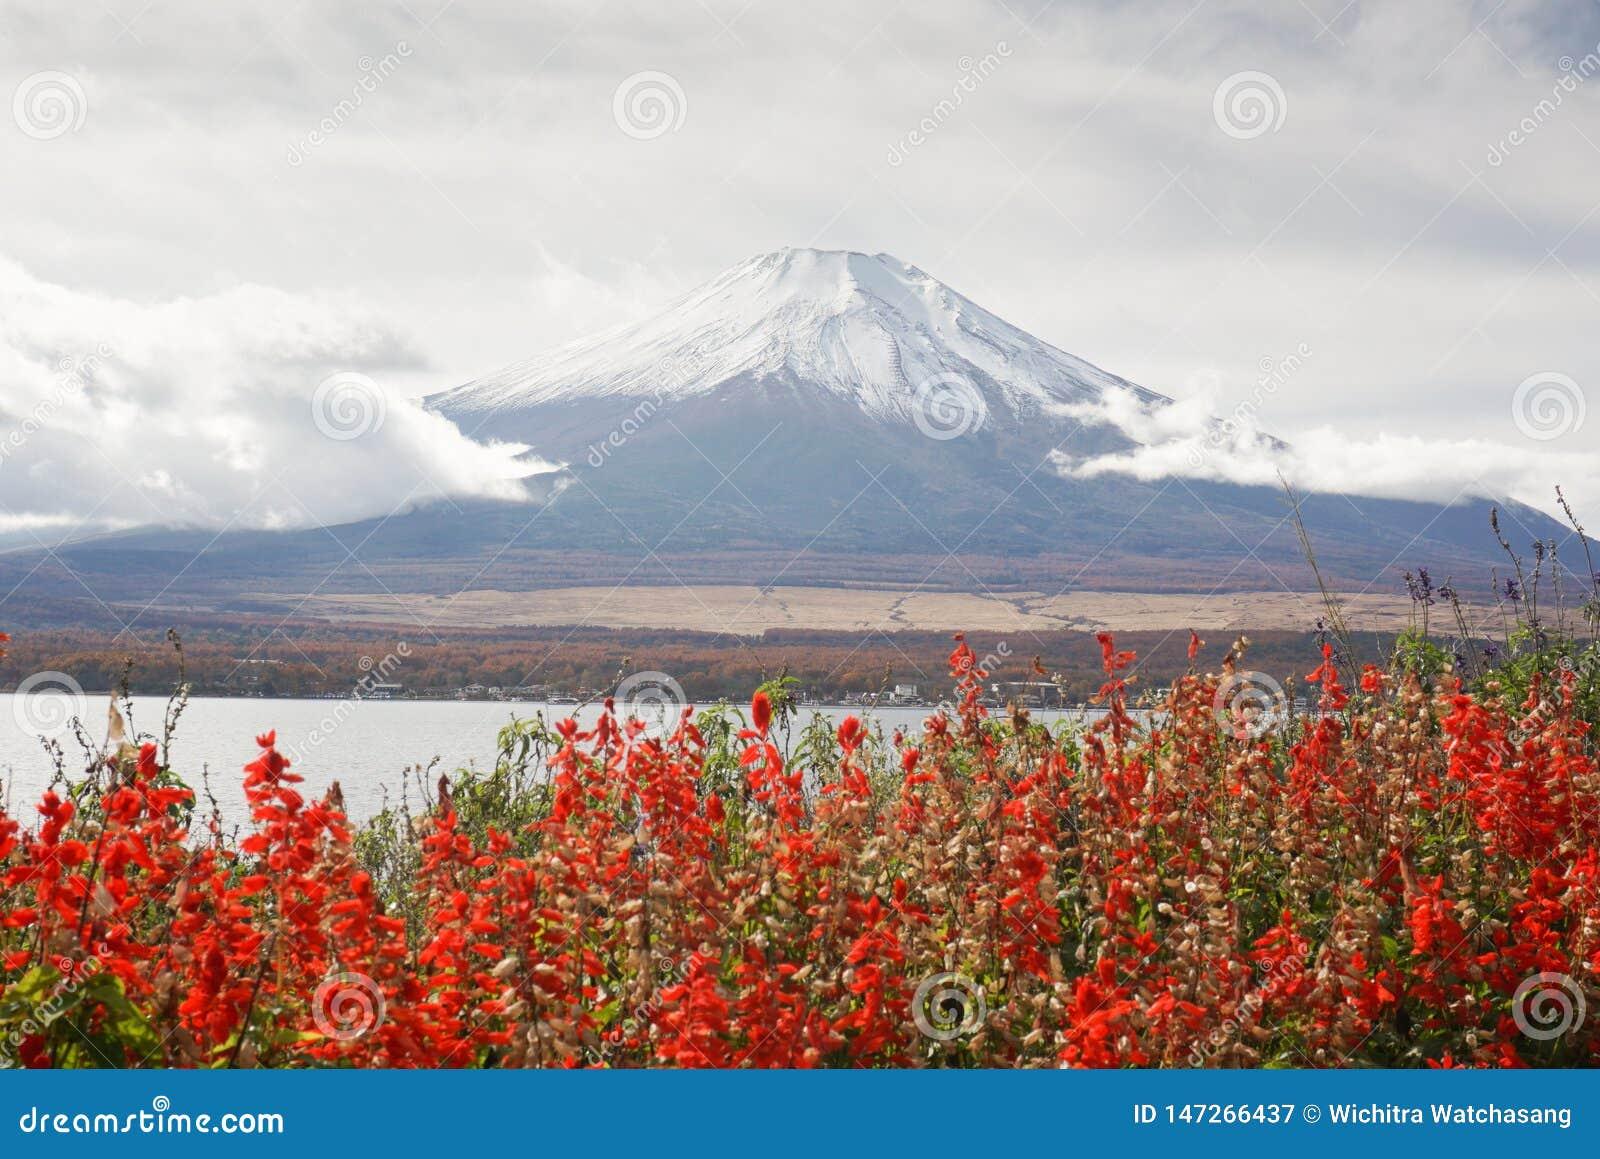 Le mont Fuji au lac Yamanaka pendant la saison d automne du Japon